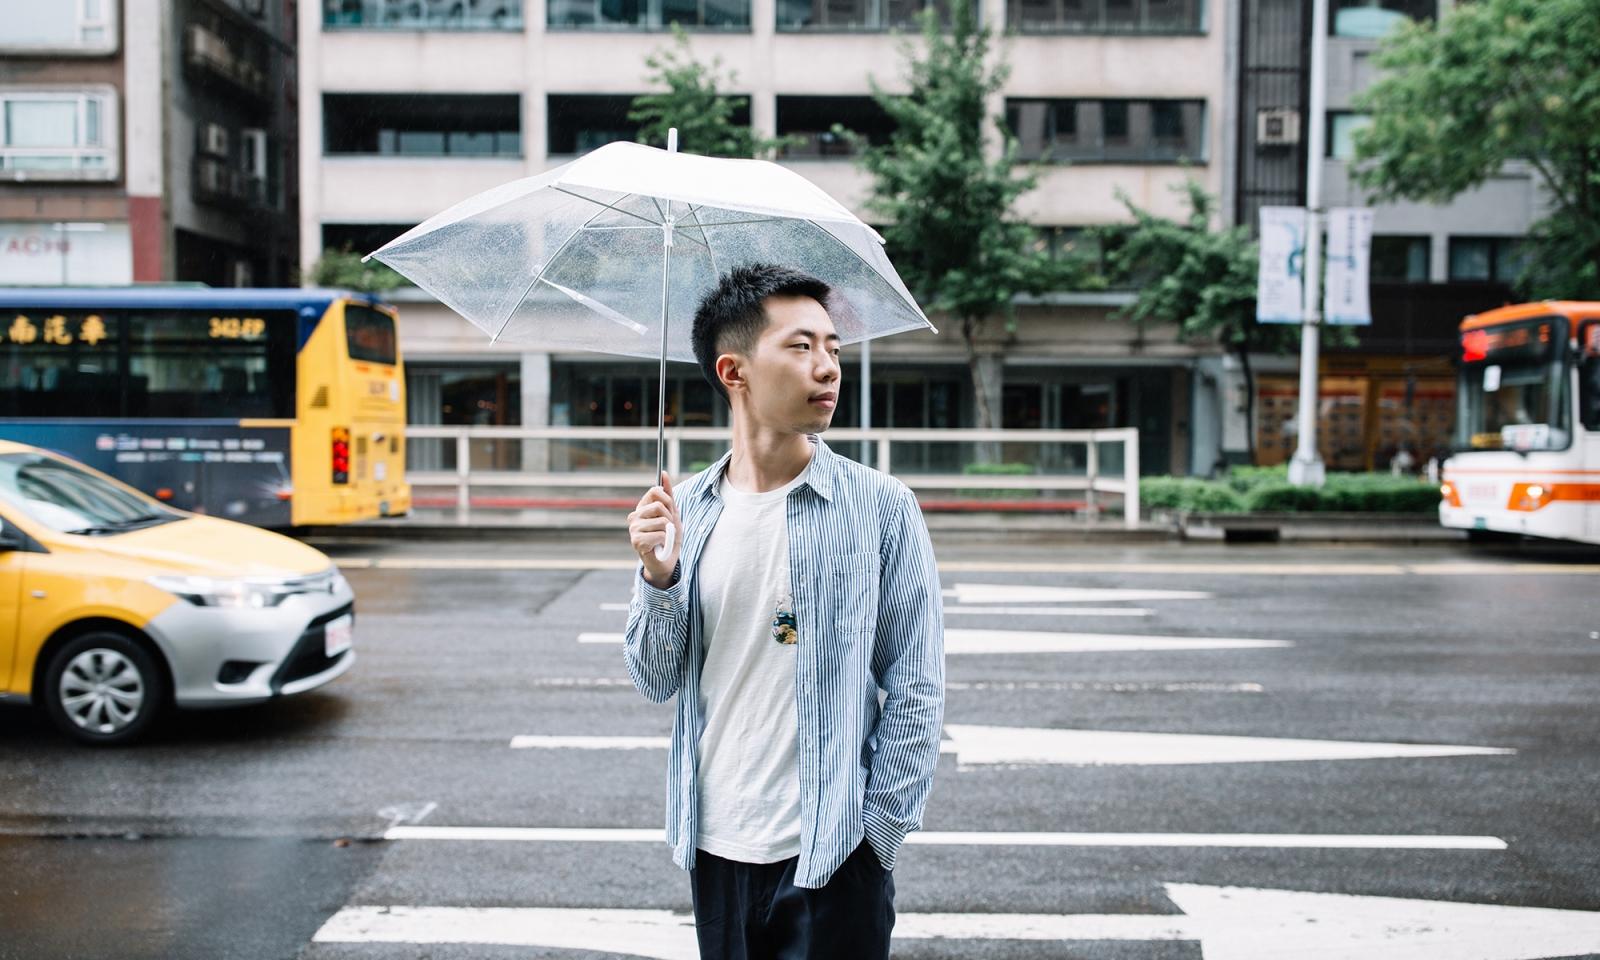 專訪鄭興:一直出發,就能抵達更遠的地方